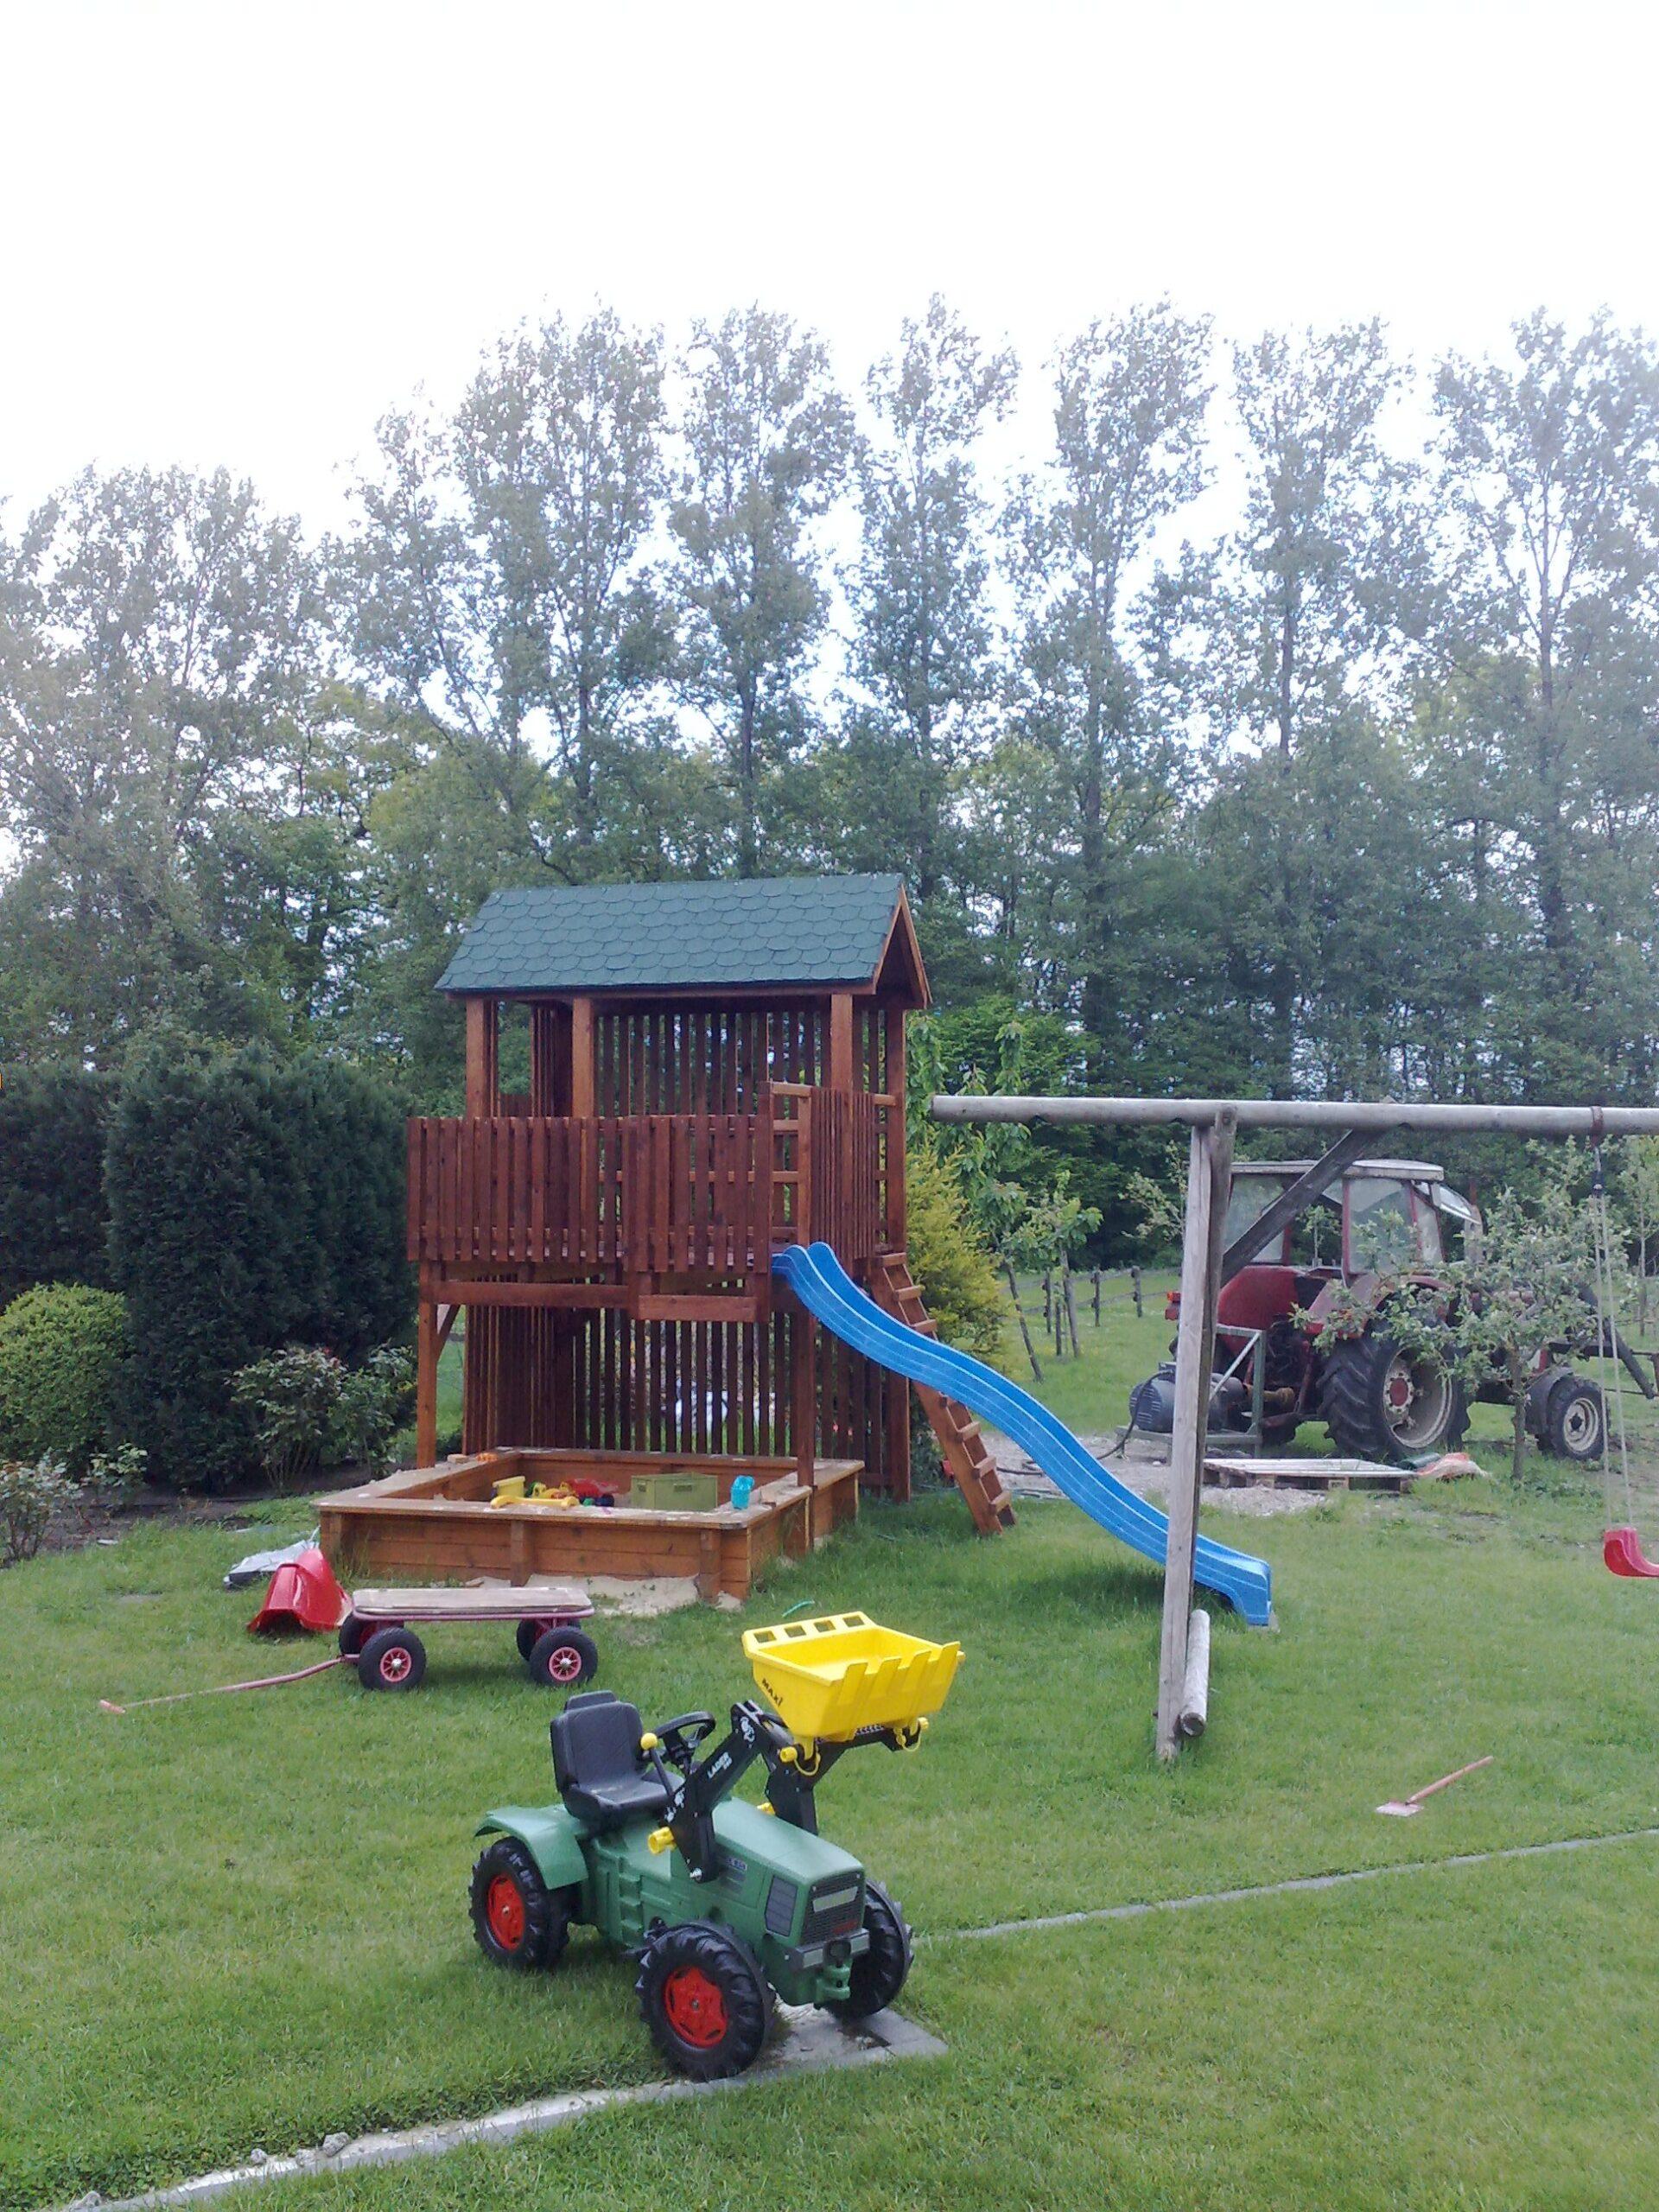 Full Size of Garten Spielhaus Holz Kinderspielhaus Kunststoff Küche Ausstellungsstück Bett Wohnzimmer Spielhaus Ausstellungsstück